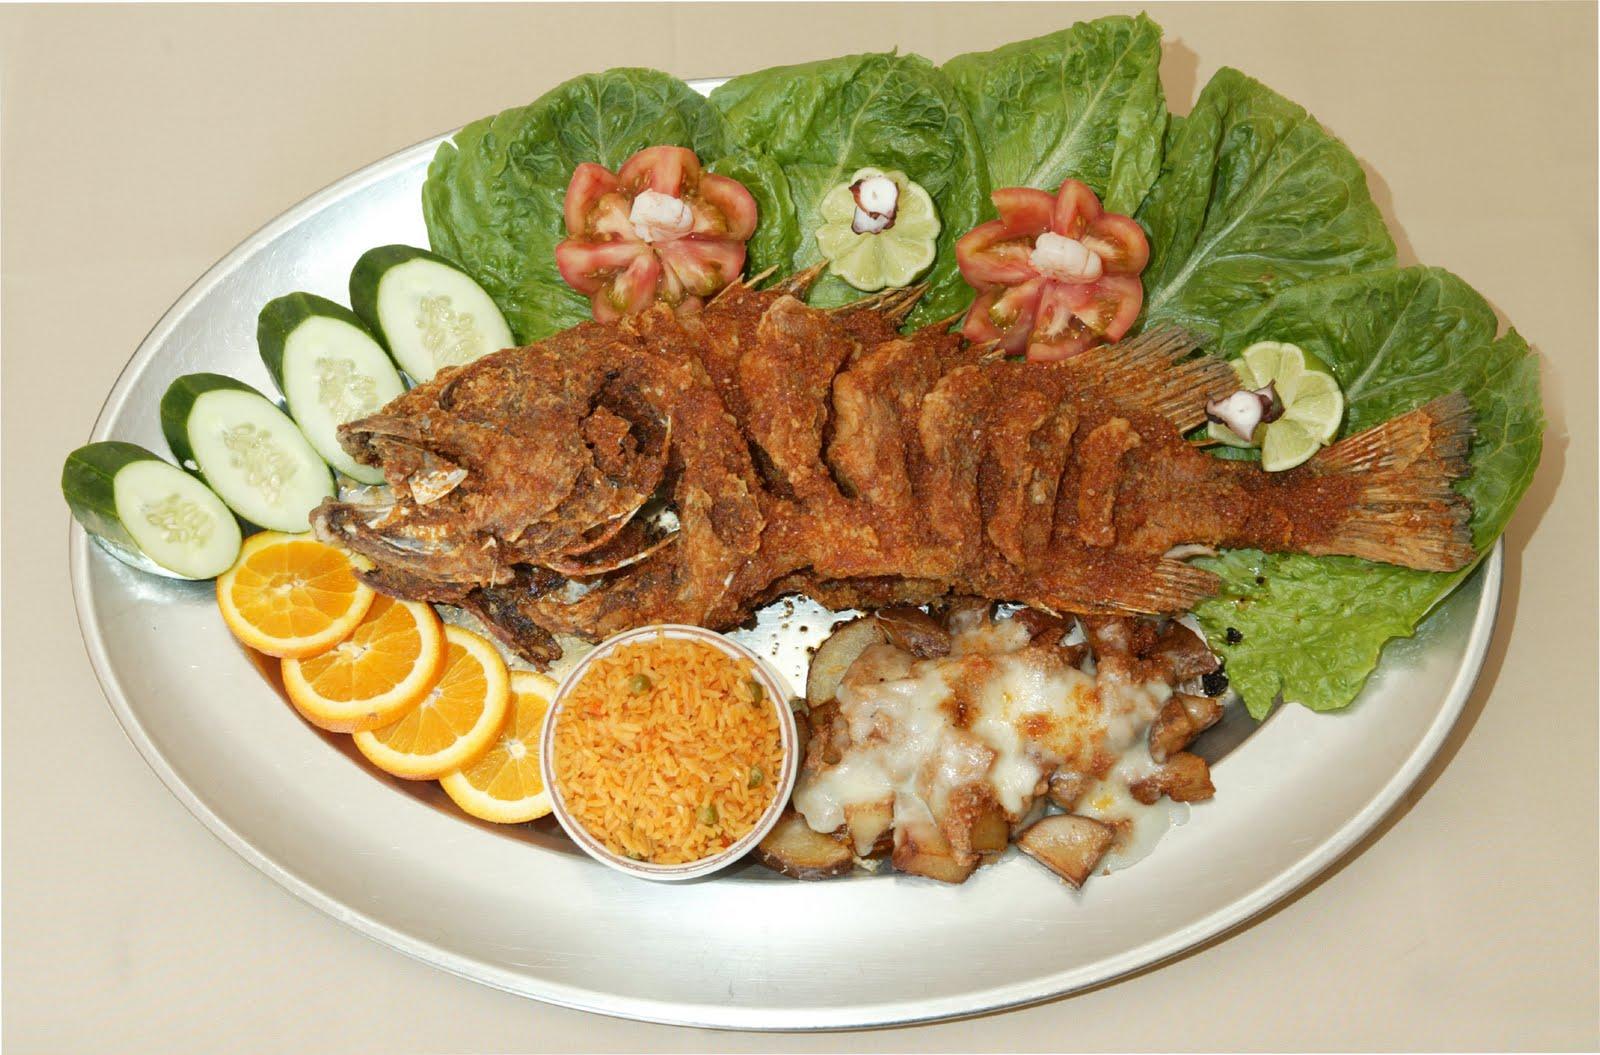 Barranquilla territorio turistico gastronomia de barranquilla for Cliffords fish fry